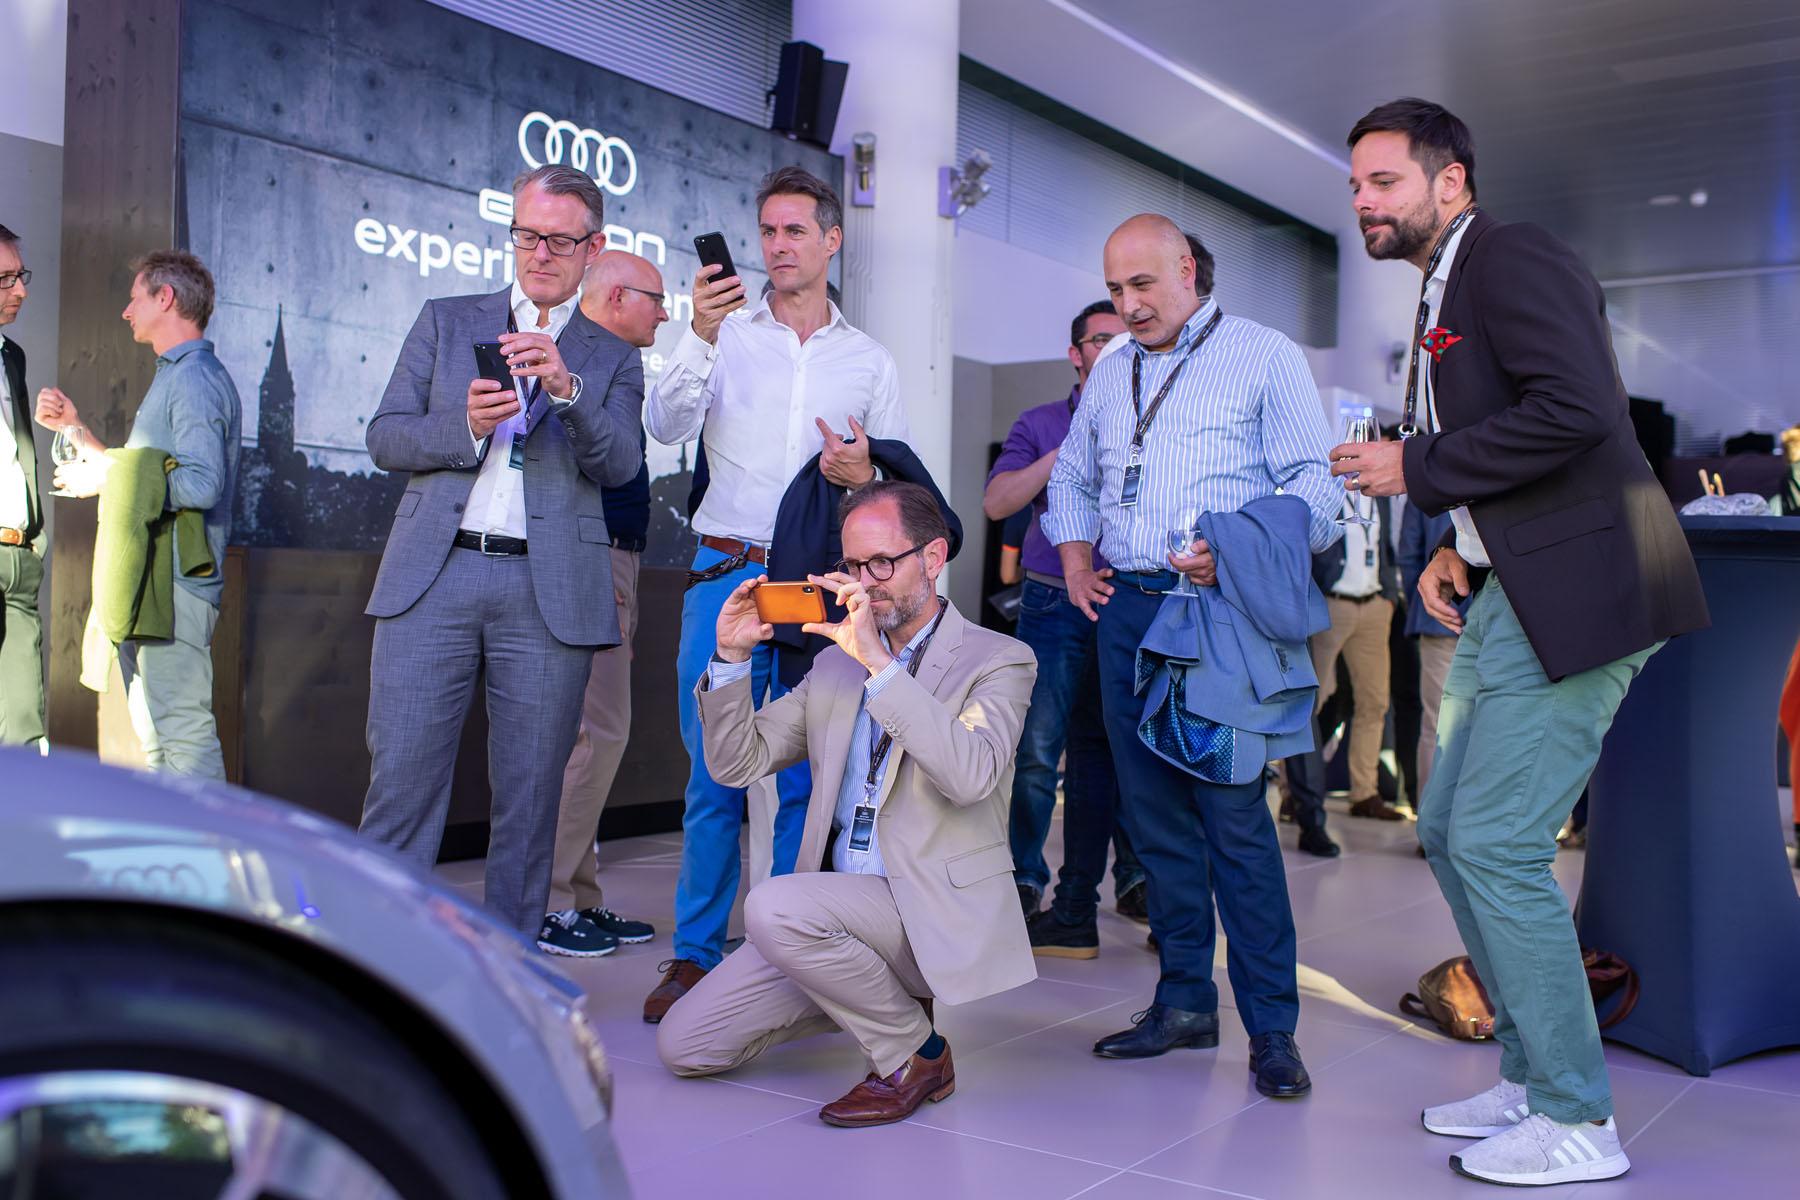 Quelques impressions de l'Audi e-tron experience center, à l'Utoquai 47 à Zurich.